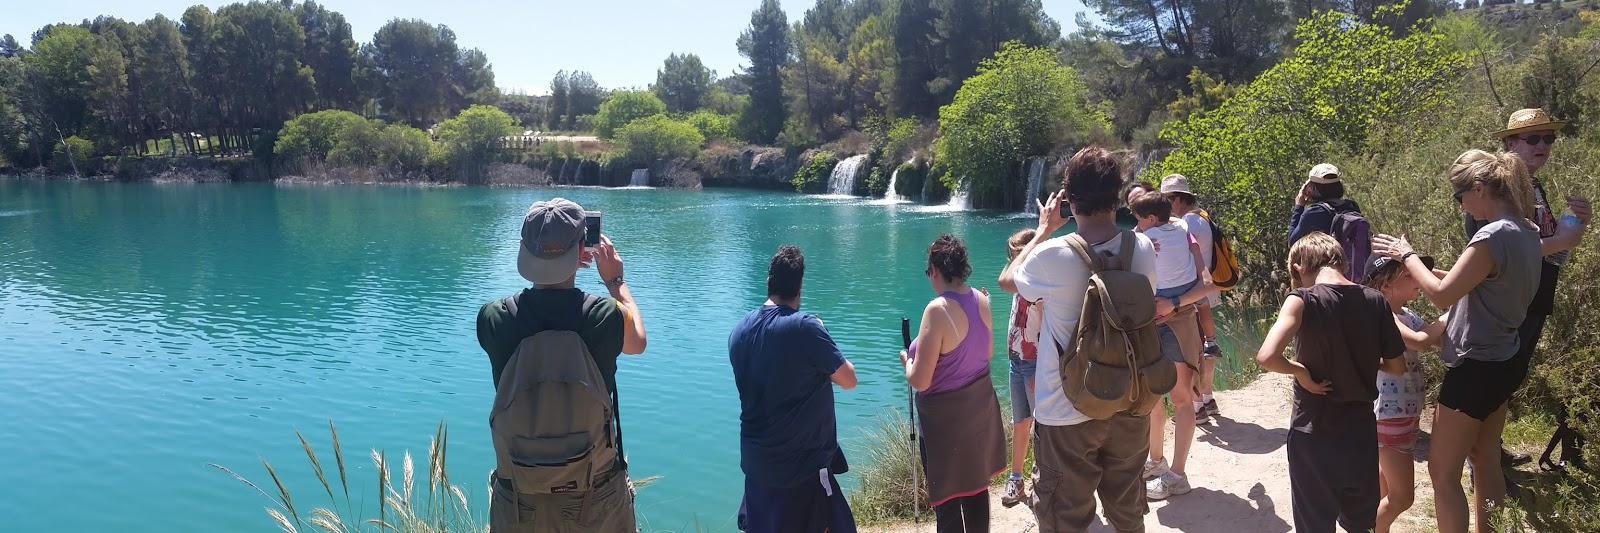 Visita a las Lagunas de Ruidera